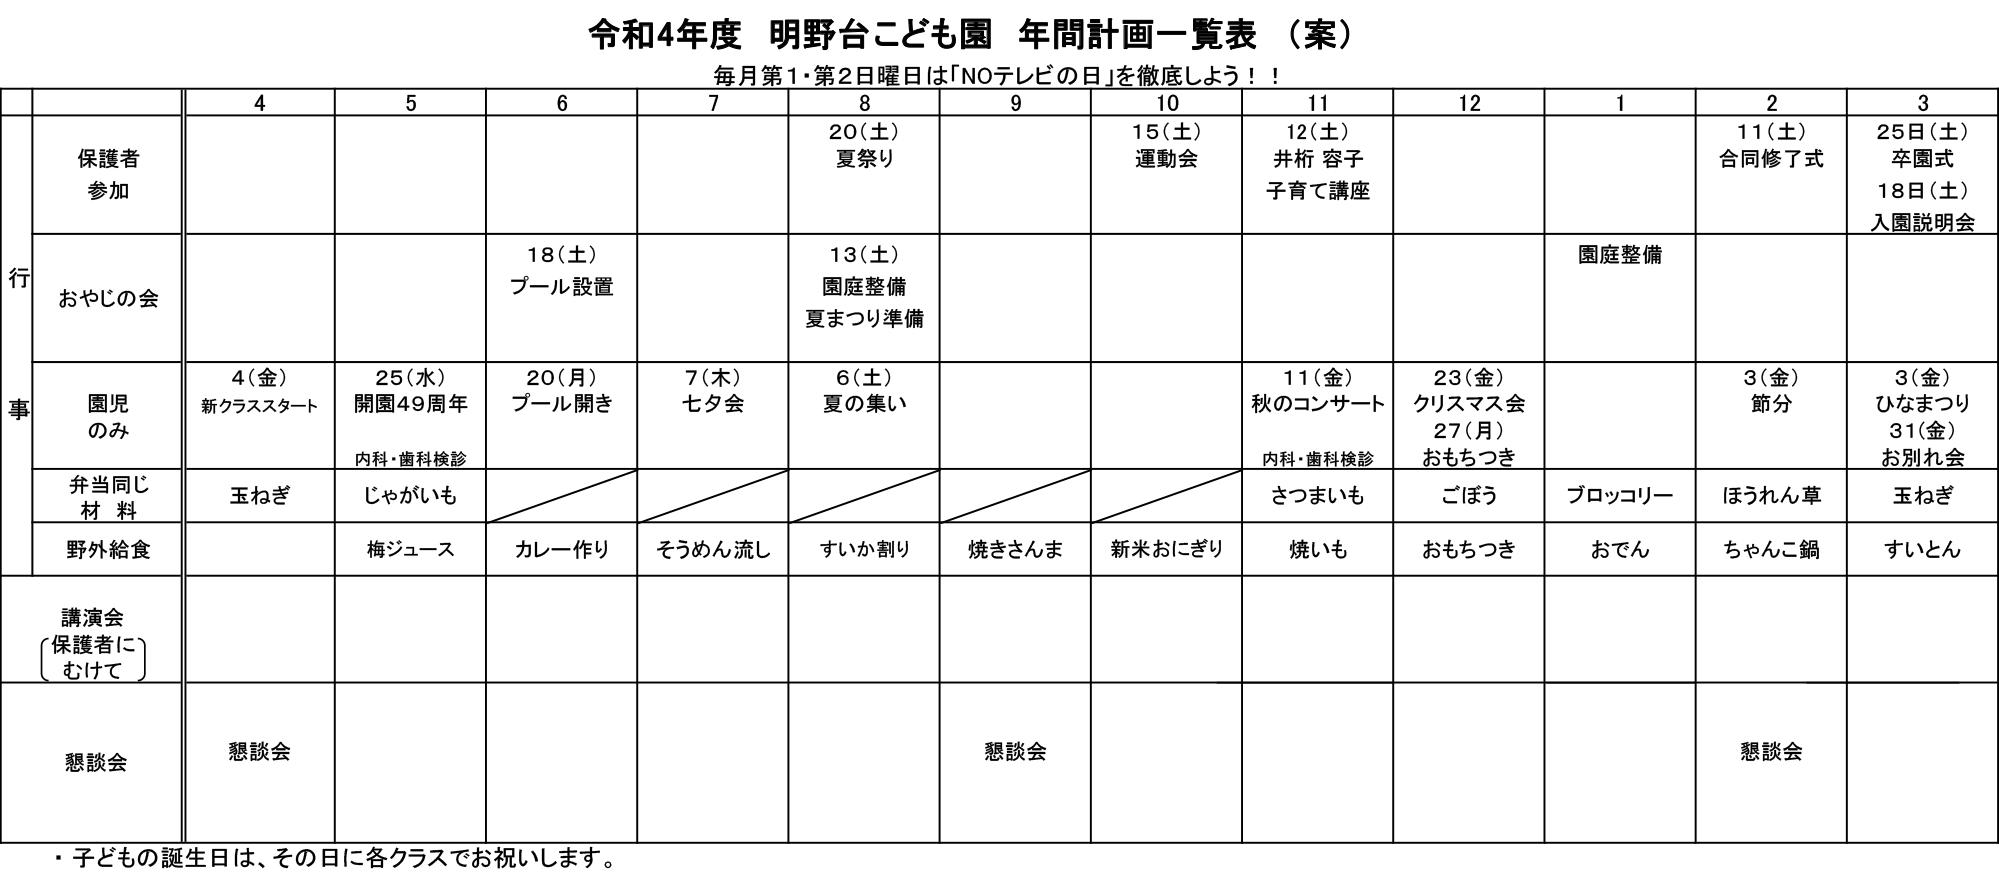 明野台こども園 年間計画一覧表pdfデータ